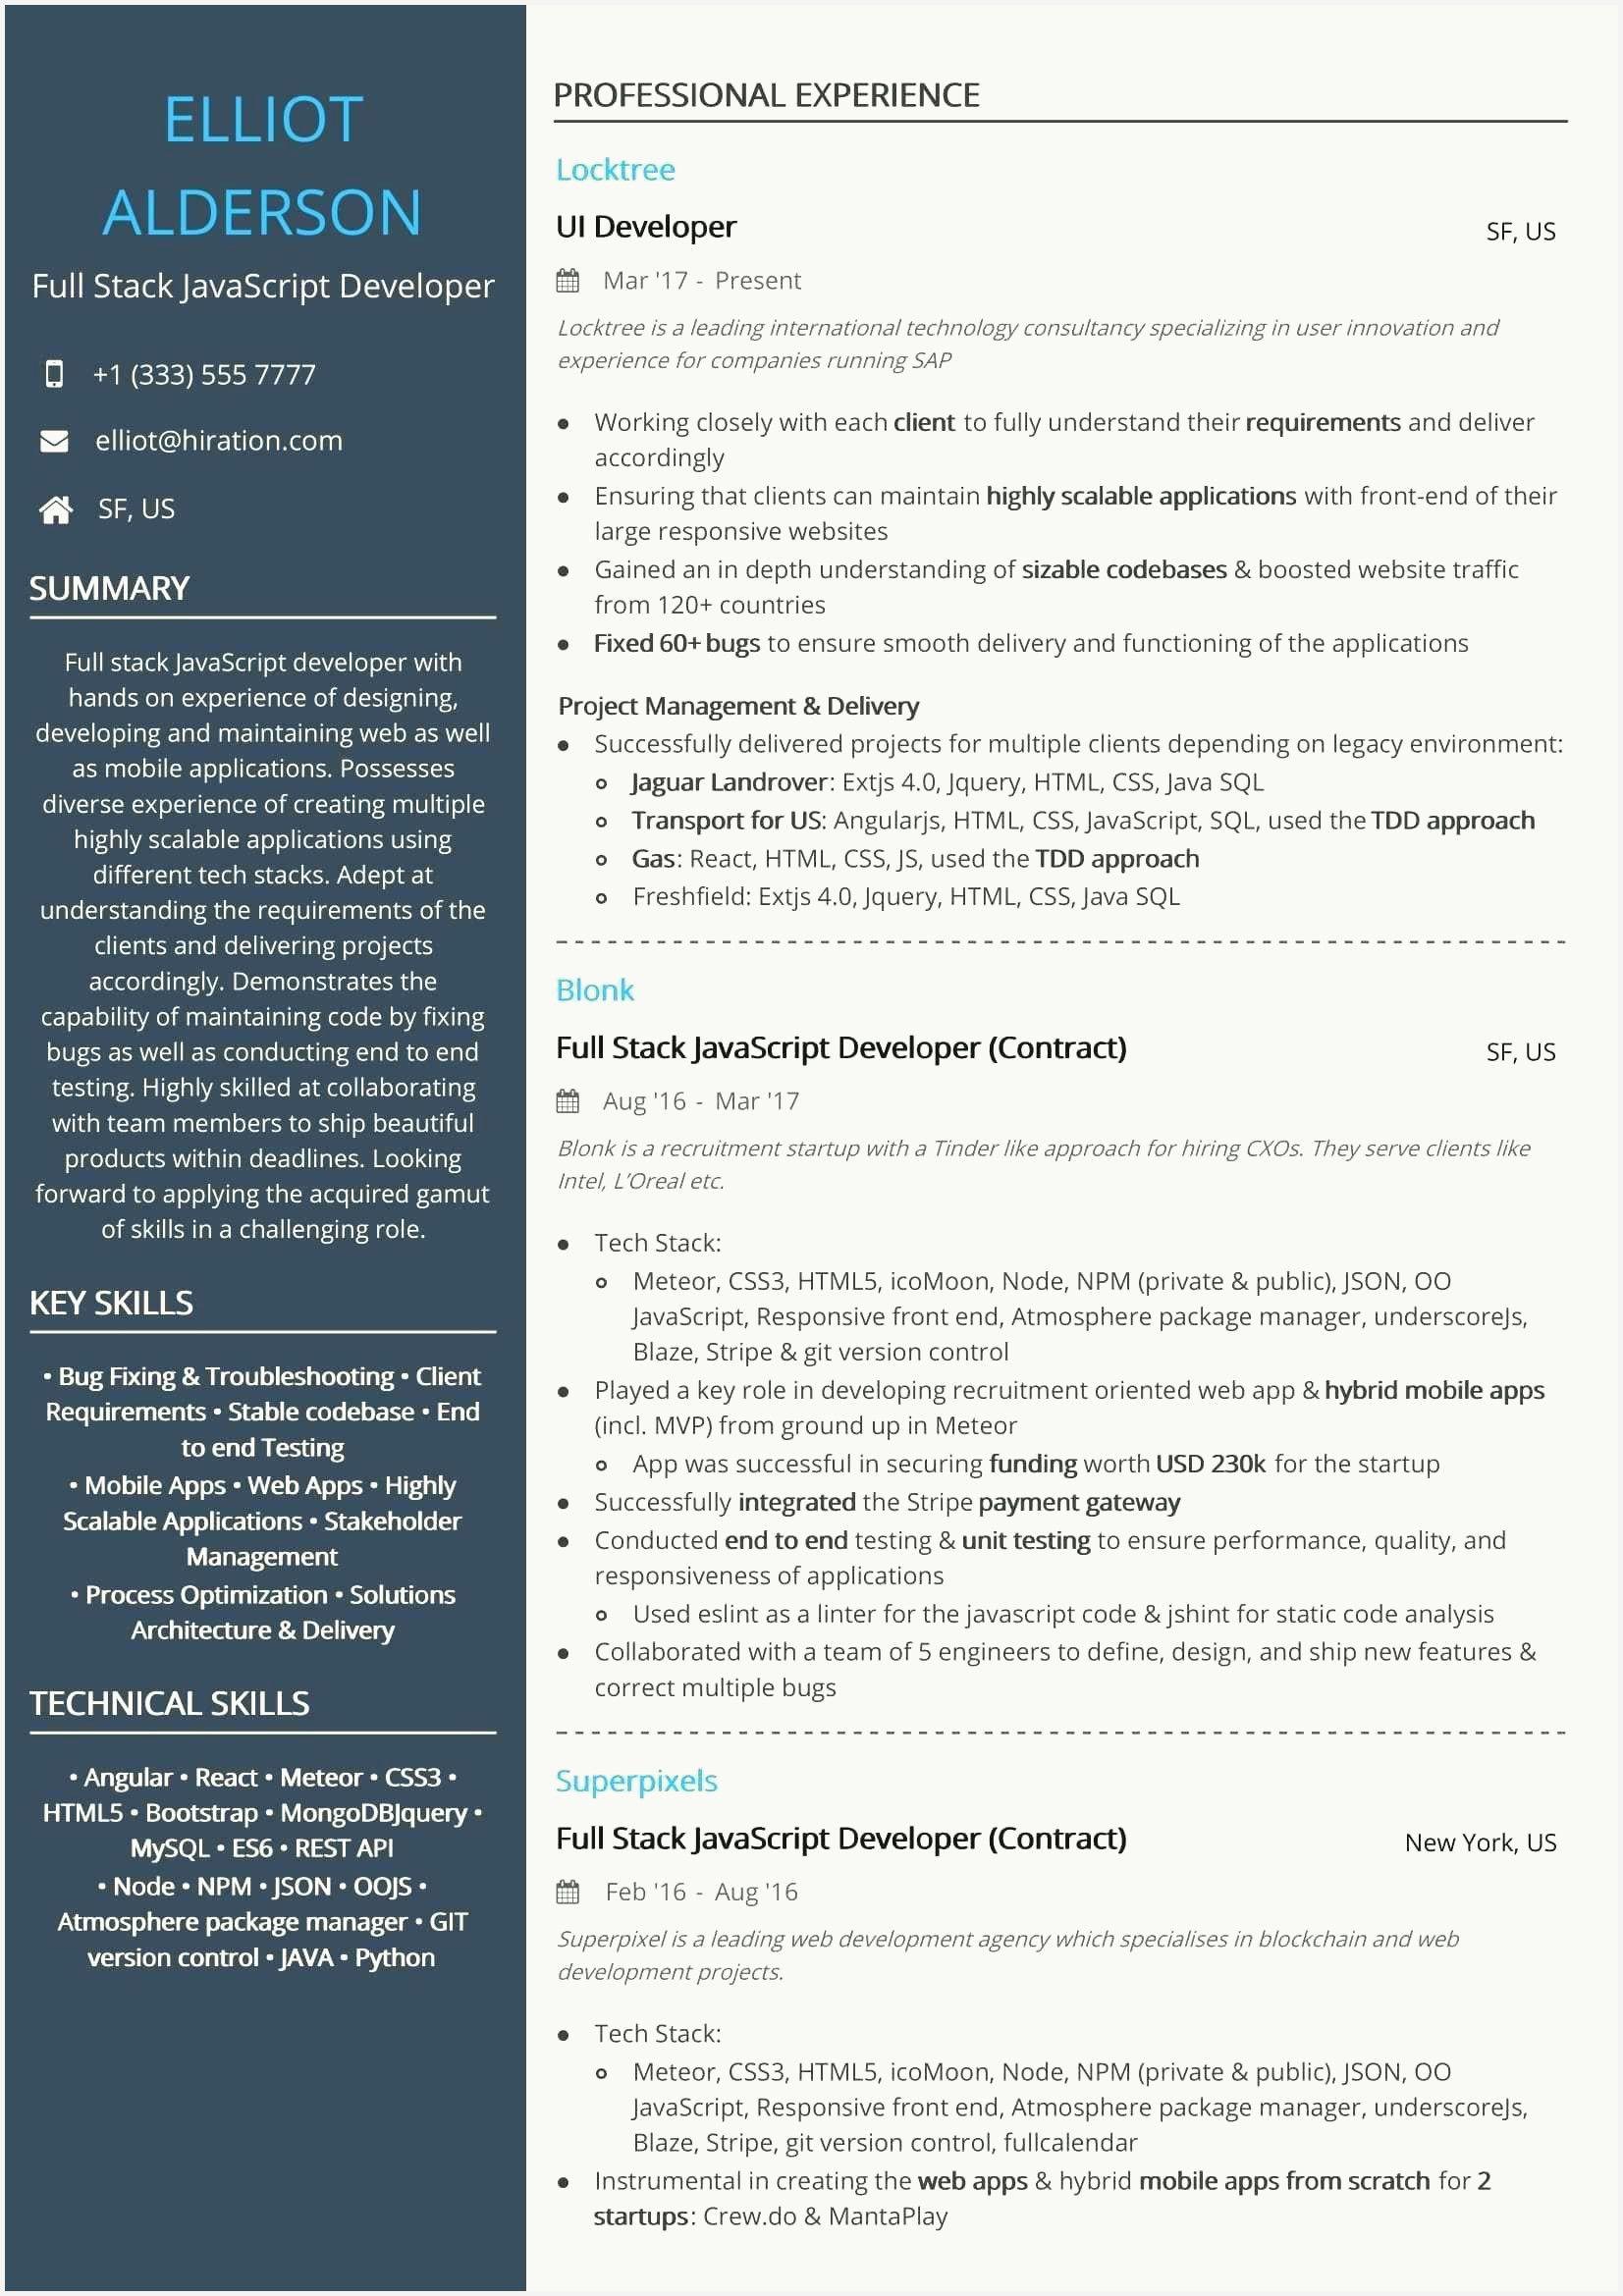 53 free full stack developer resume images in 2020